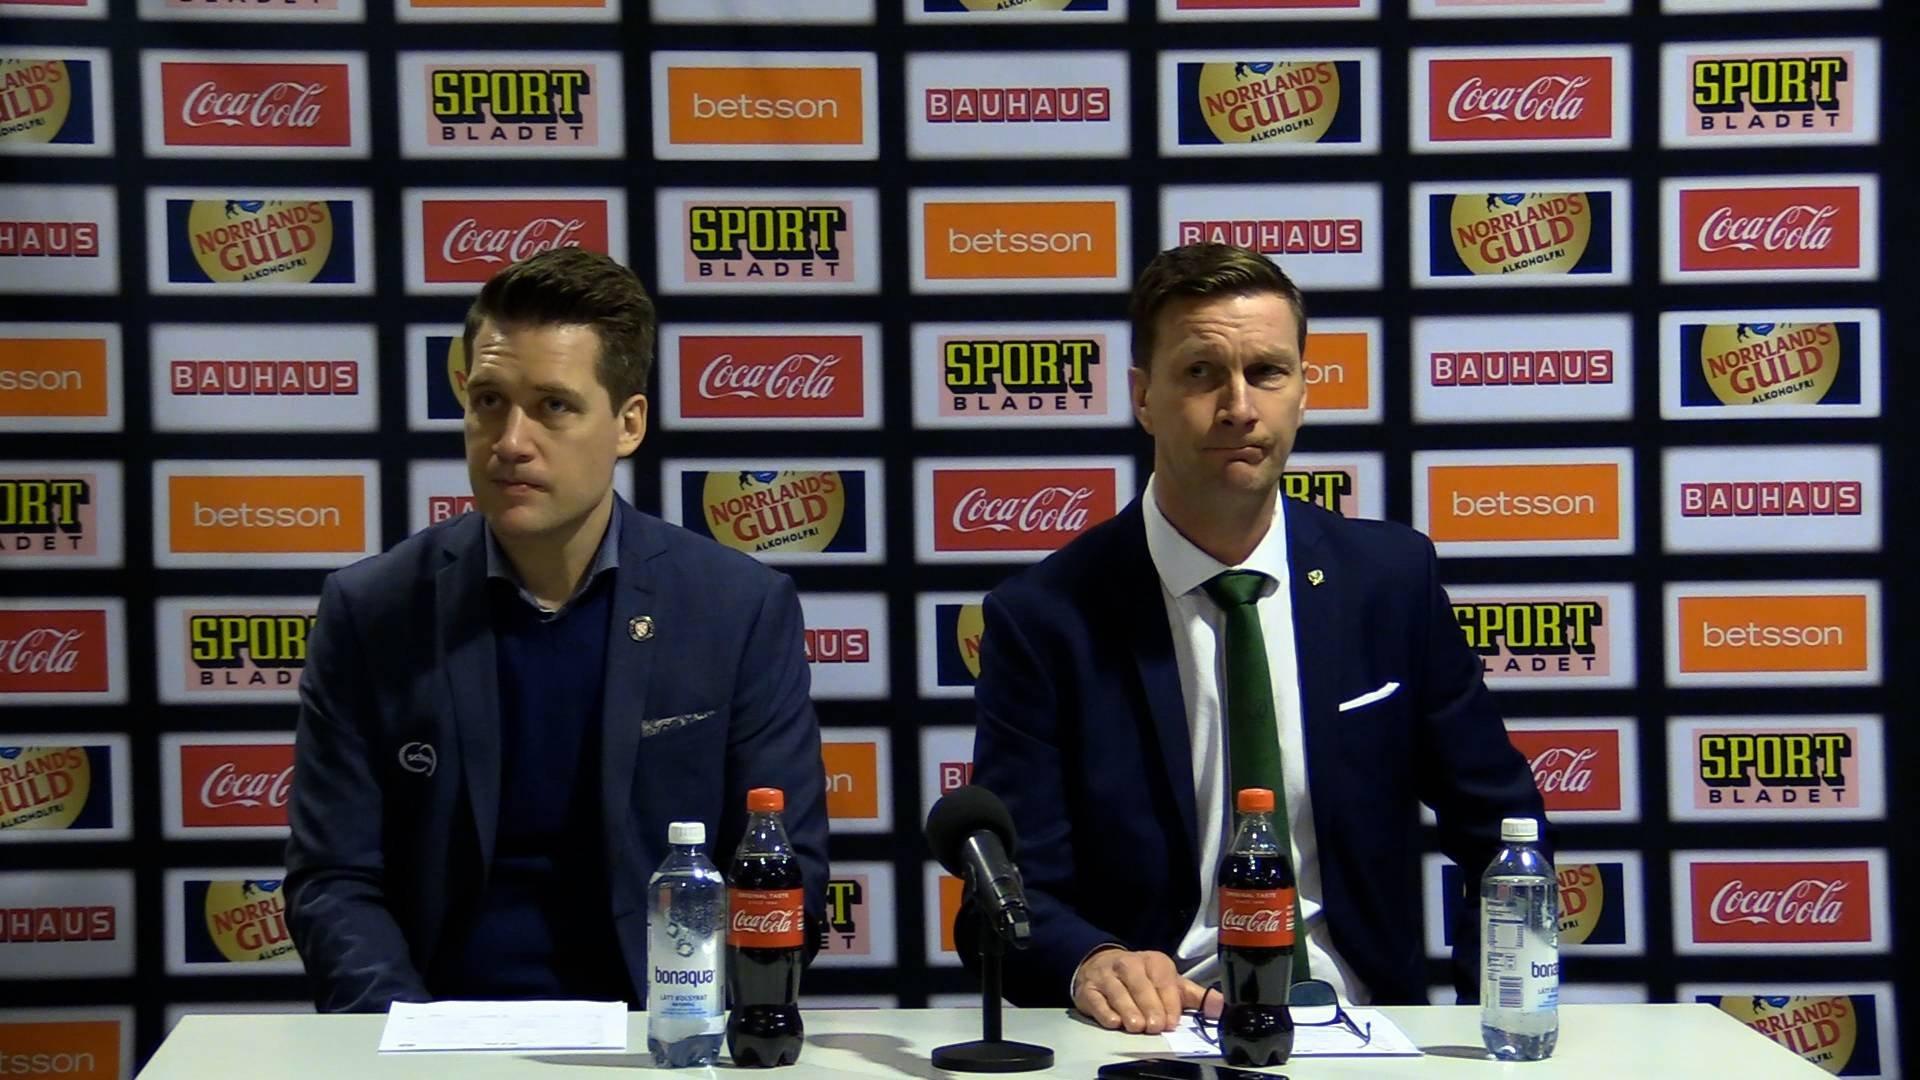 Presskonferens | Kvartsfinal 4